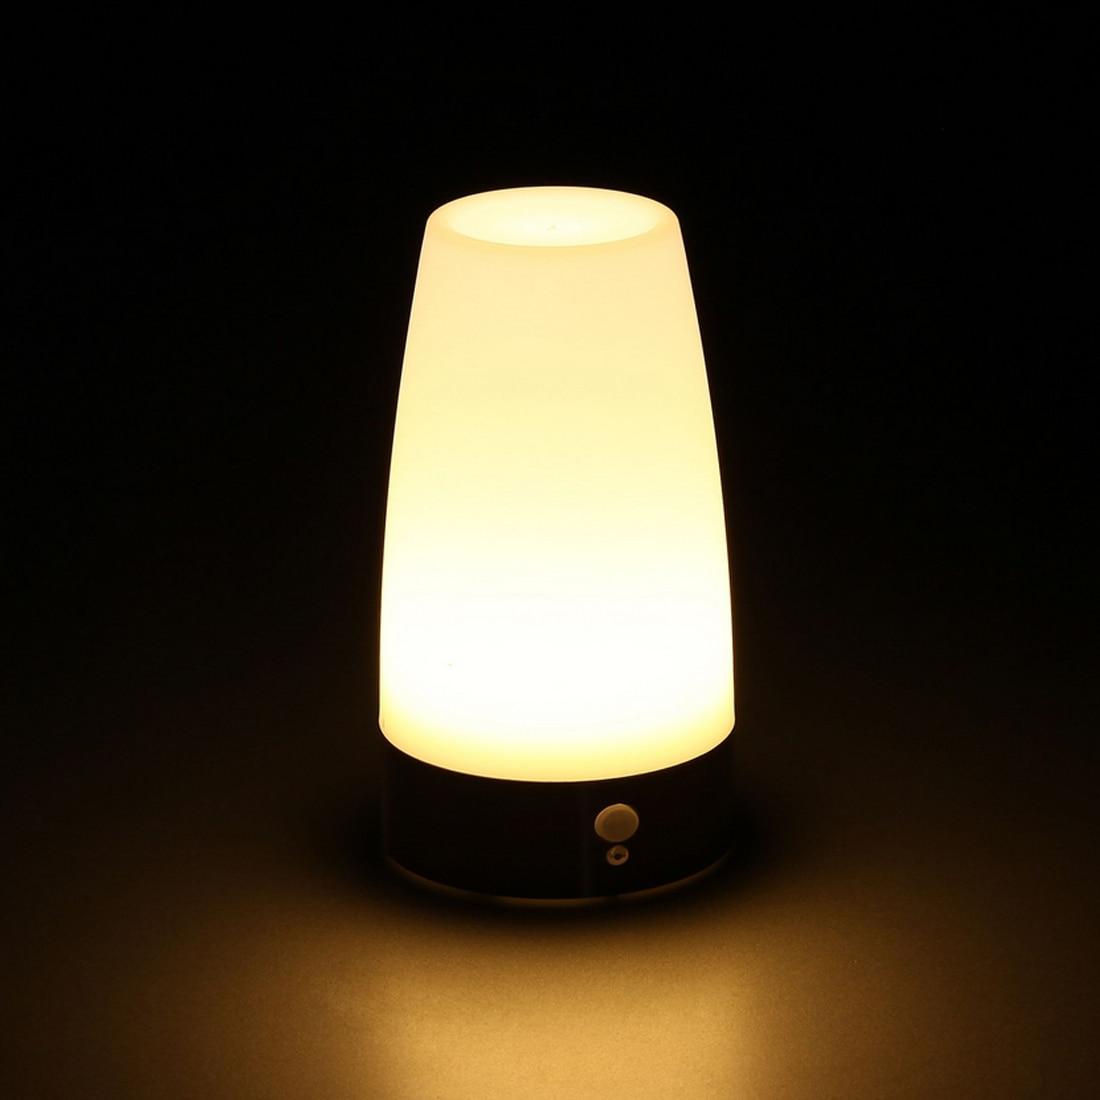 Offre spéciale PIR sans fil détecteur de mouvement LED rétro chambre veilleuse LED à piles lampe de Table veilleuse